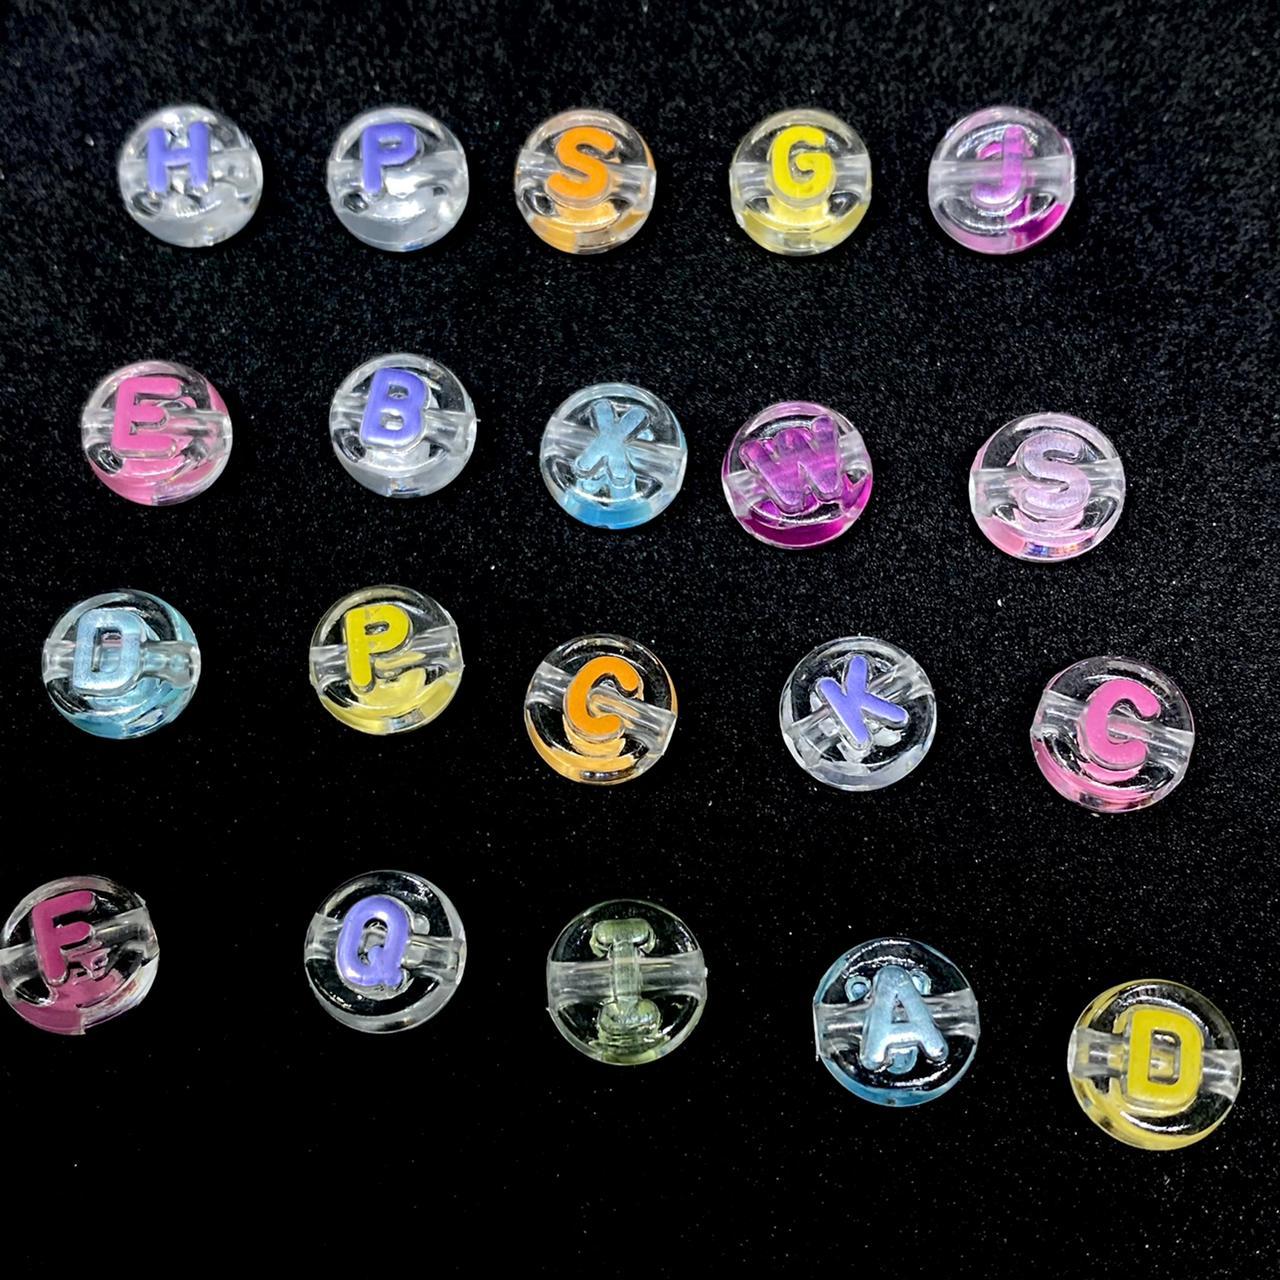 Alfabeto redondo transparente c/ letras multicolor 10mm  - 10g